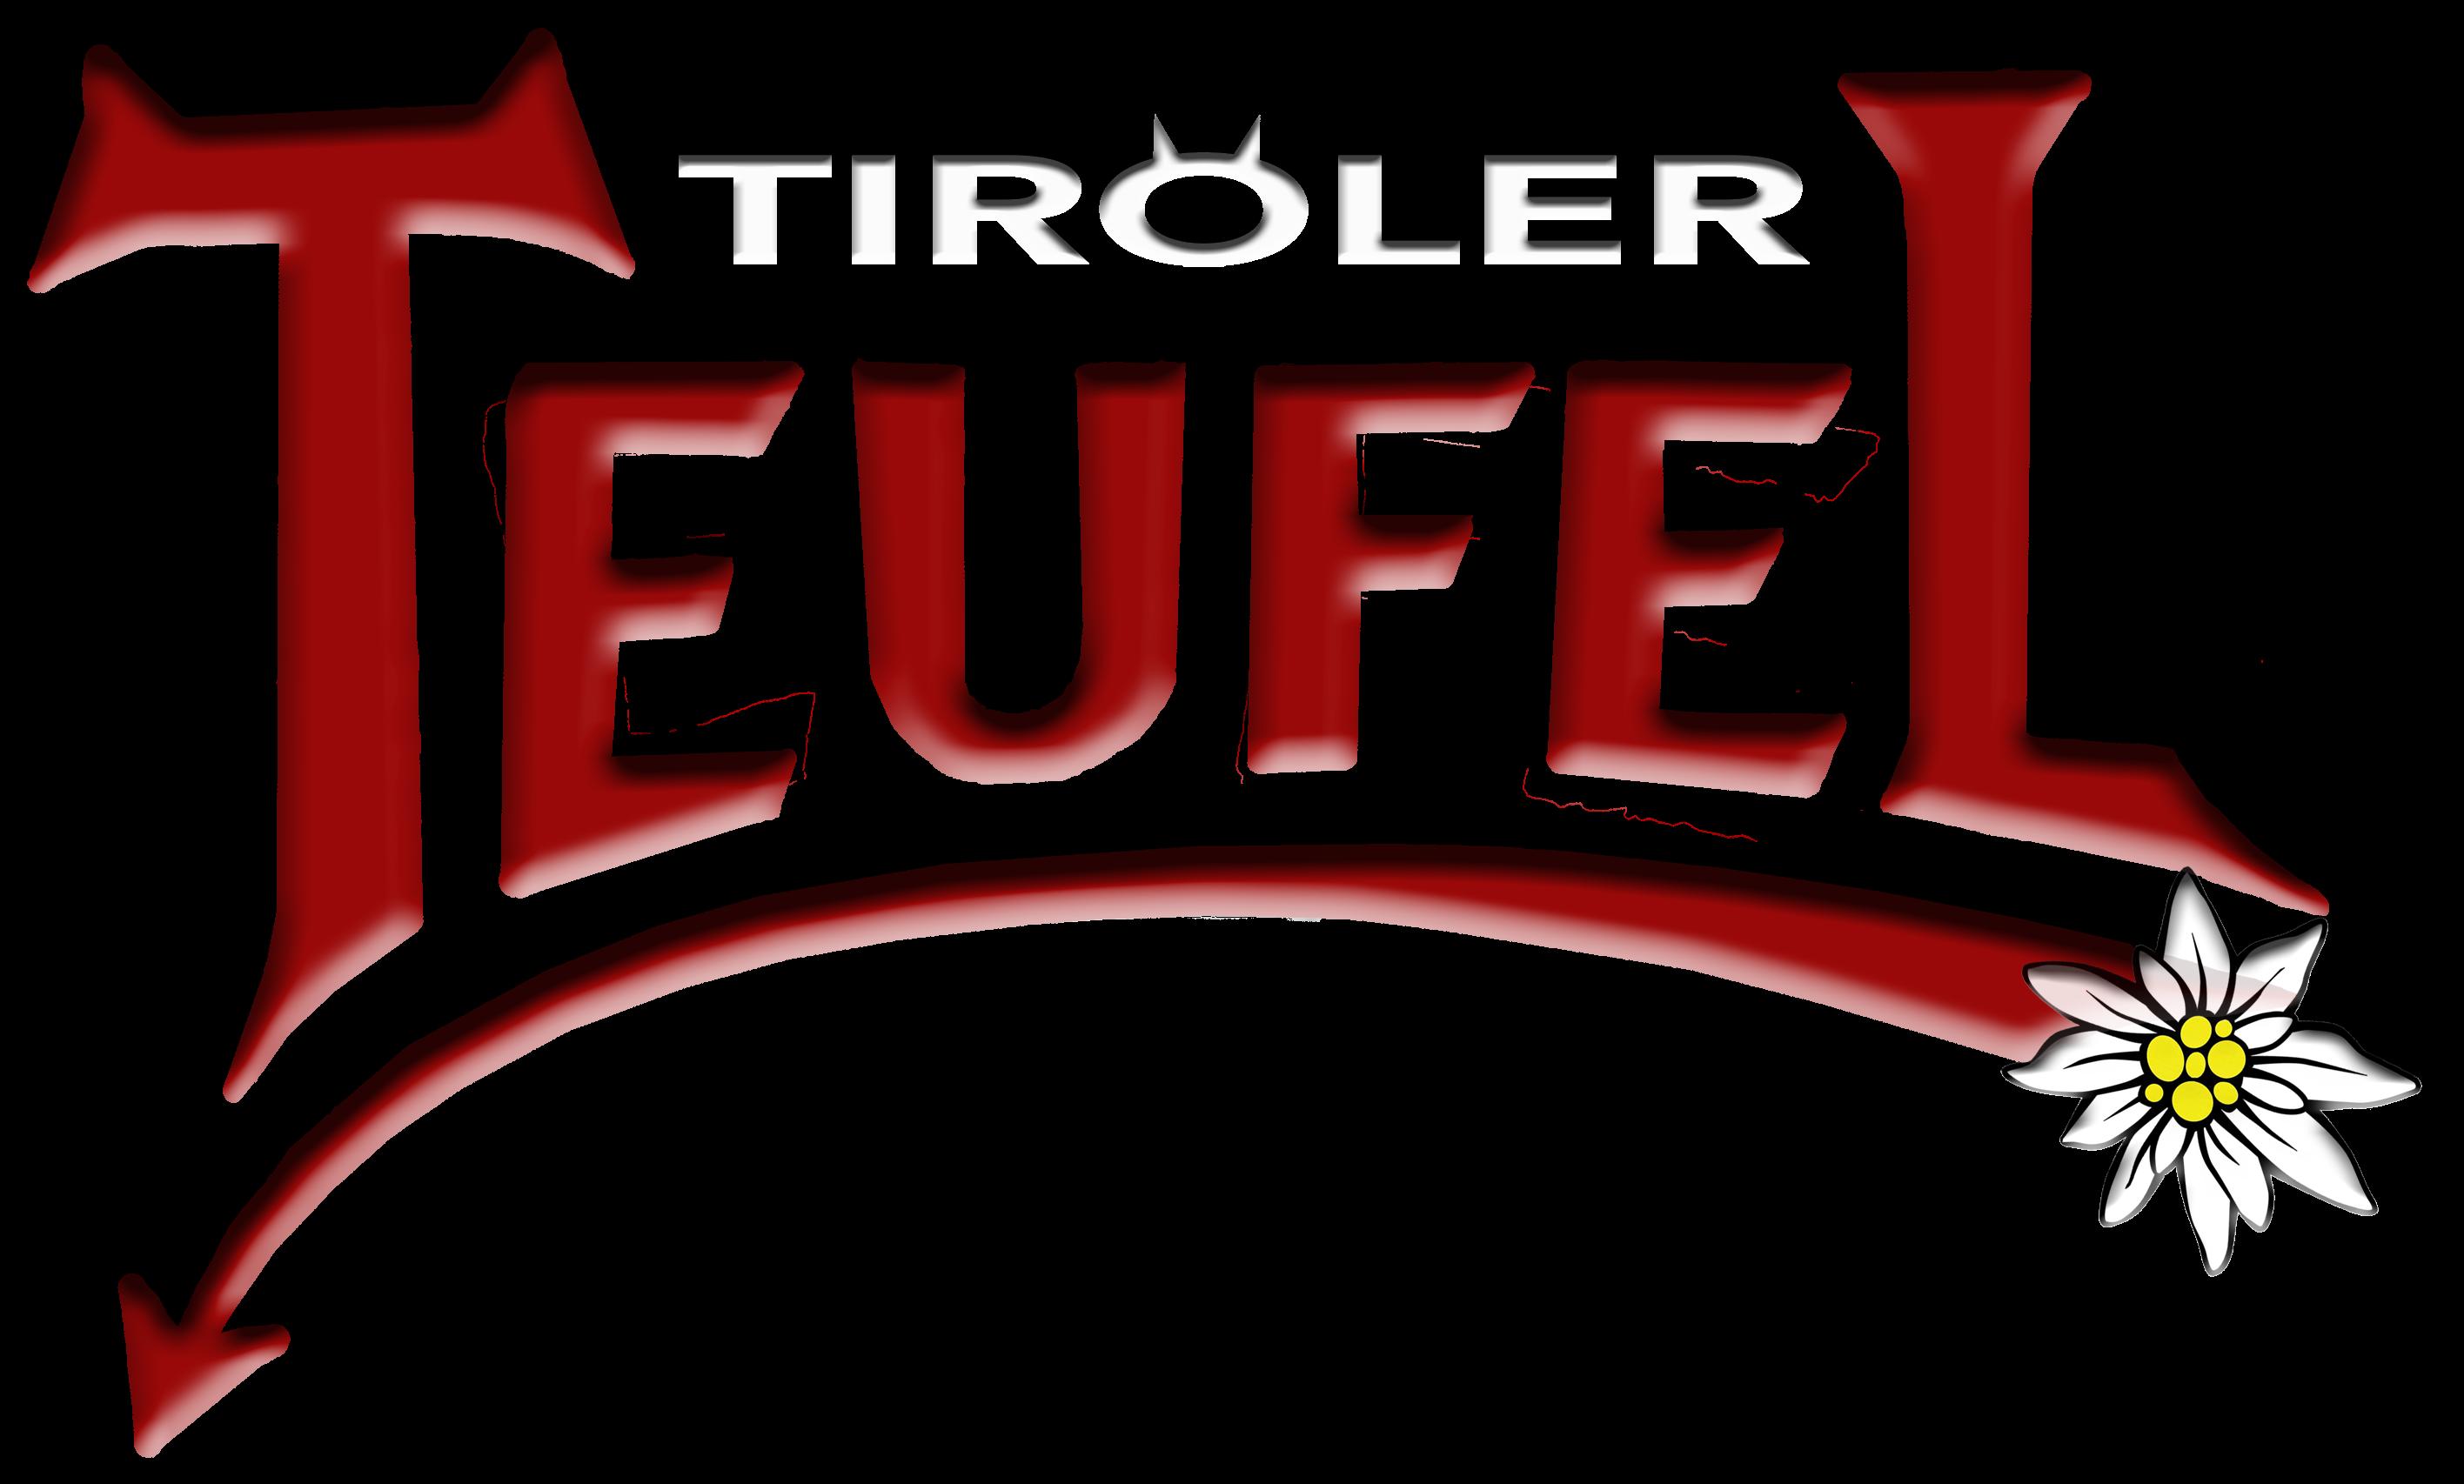 Tiroler Teufel